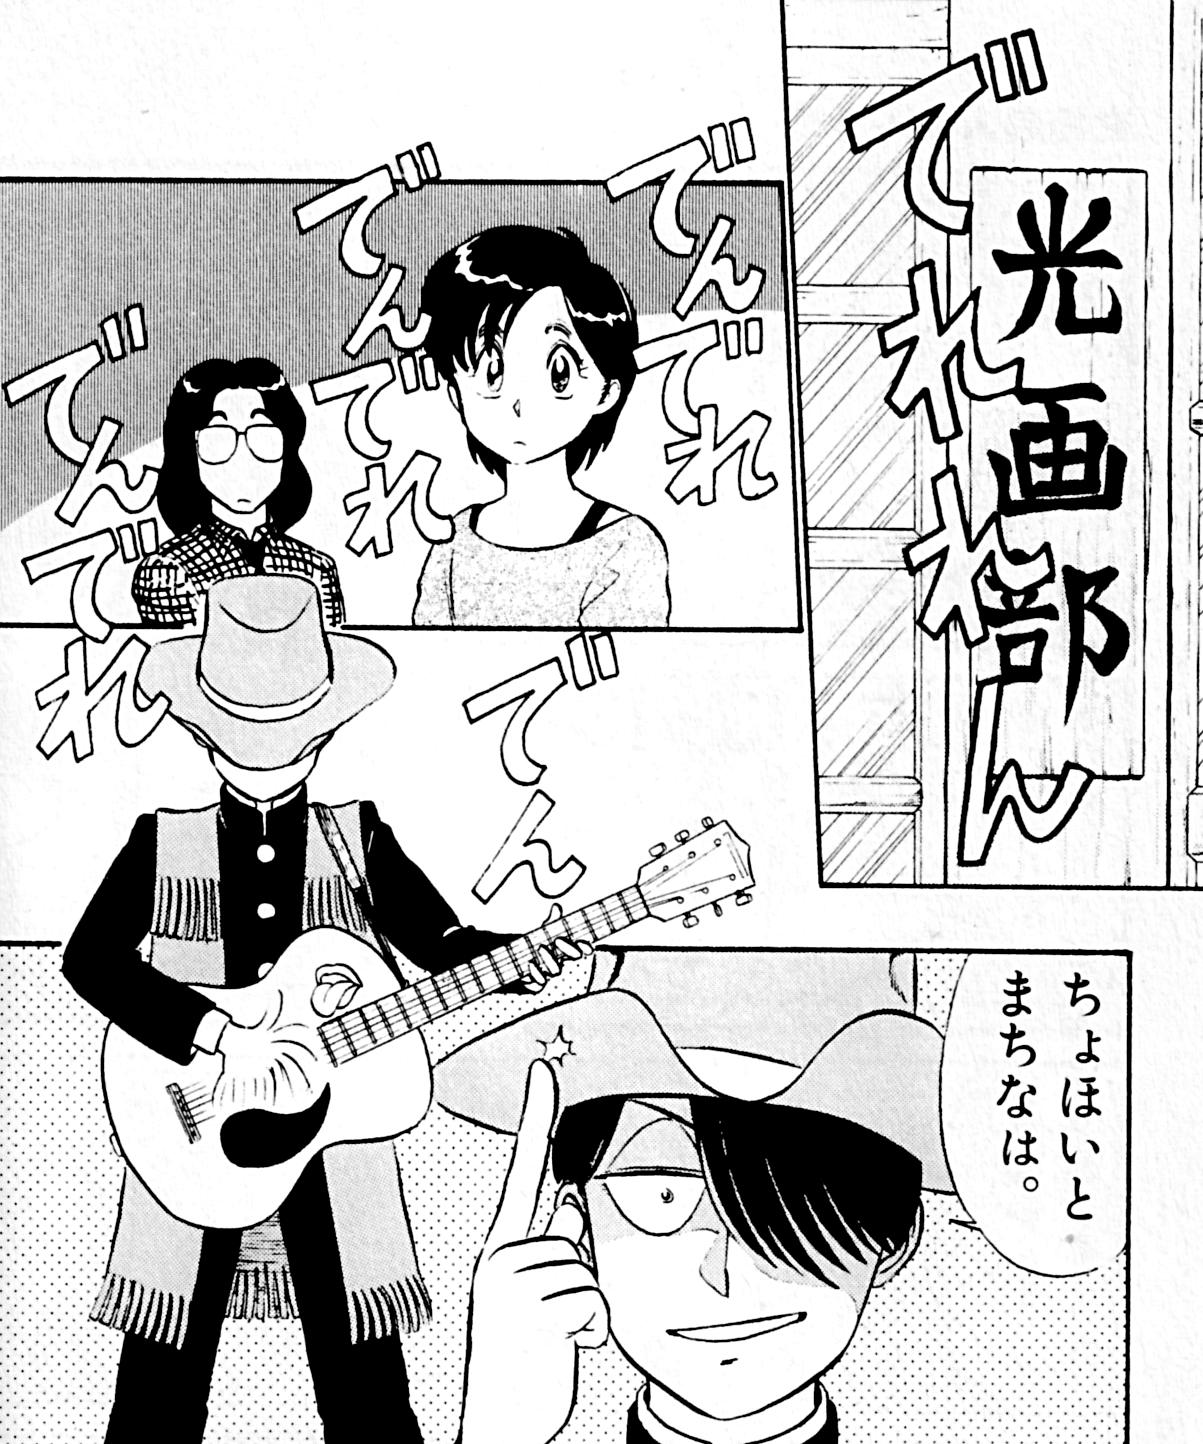 『究極超人あ~る』4巻の名言をネタバレ紹介!